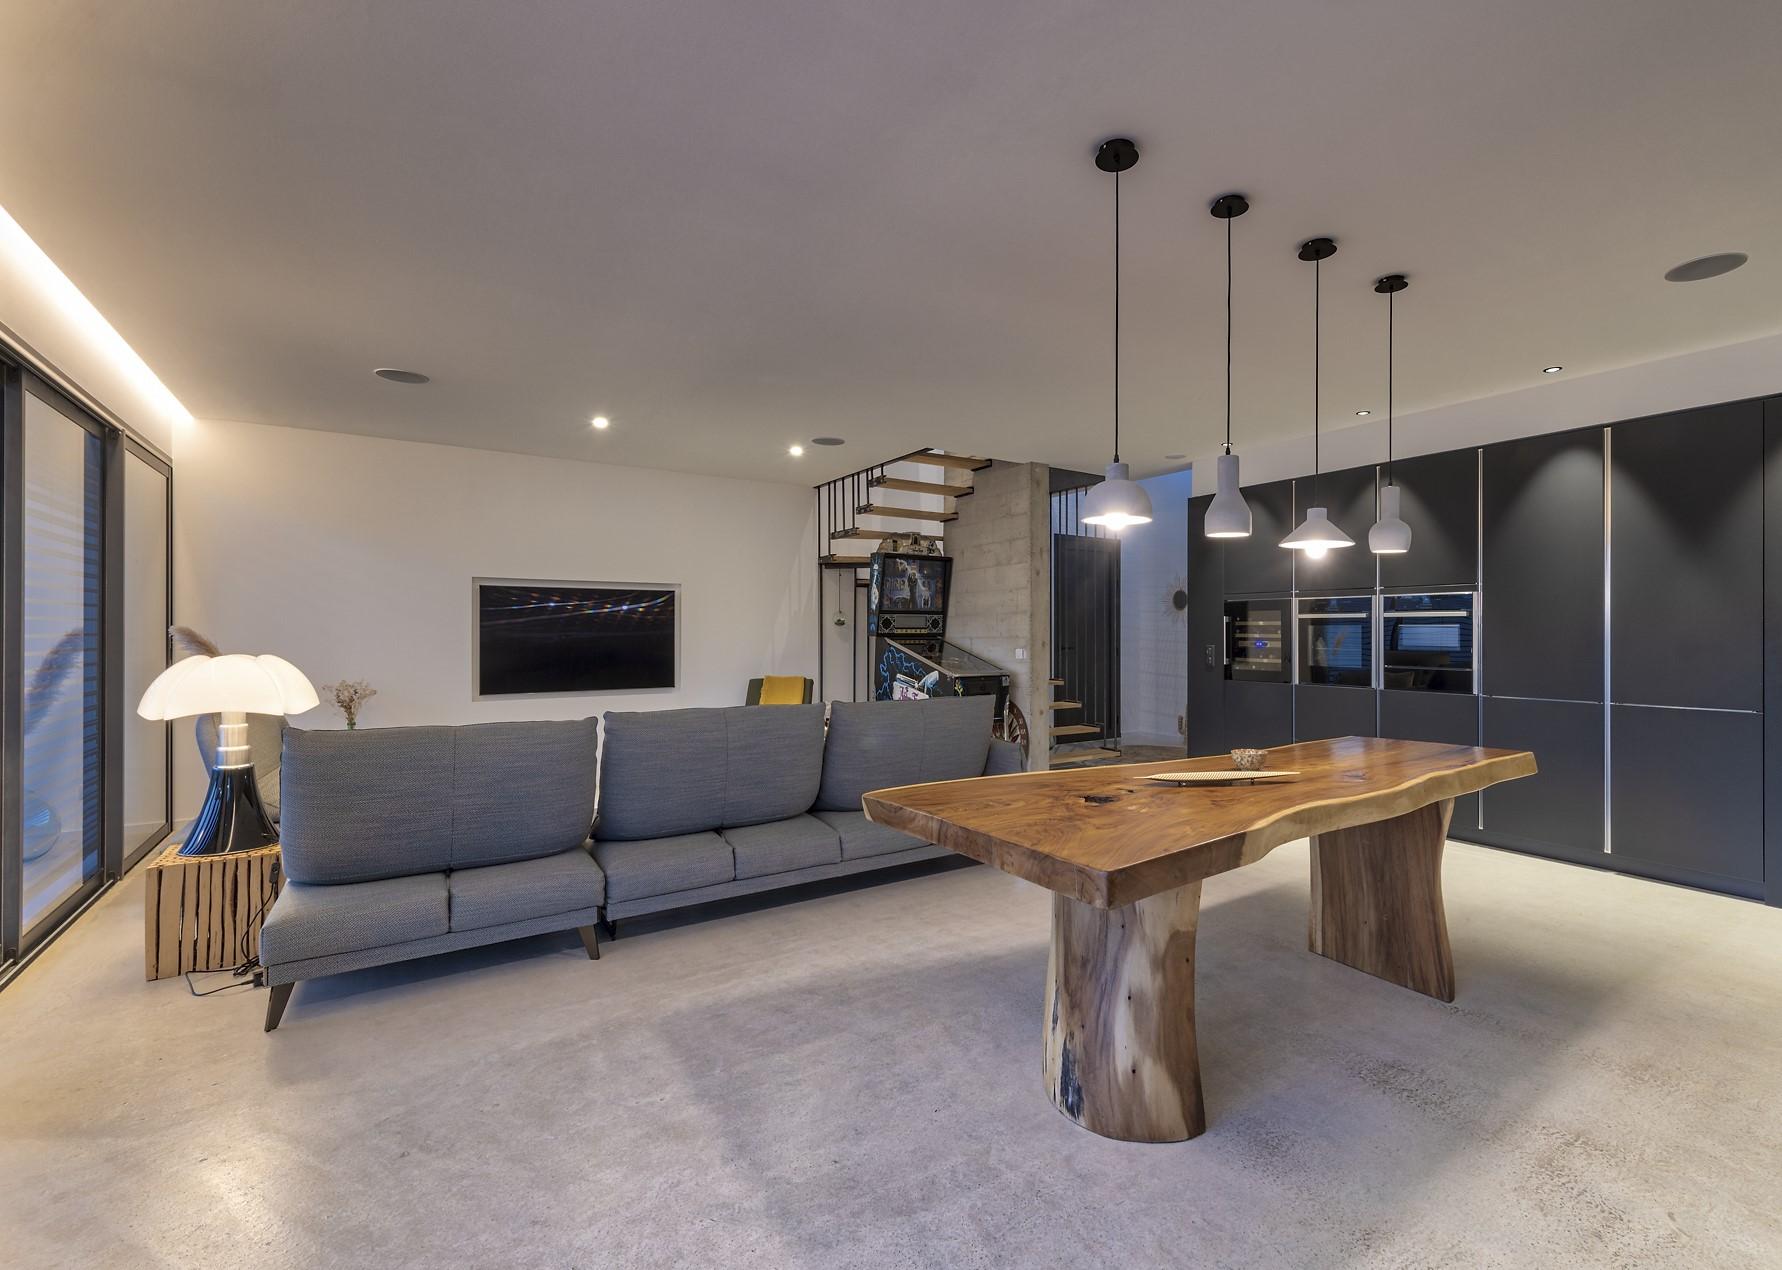 Salon et salle à manger avec un alignement de quatre suspension au dessus de la table de salle à manger dans la villa privé Zeta